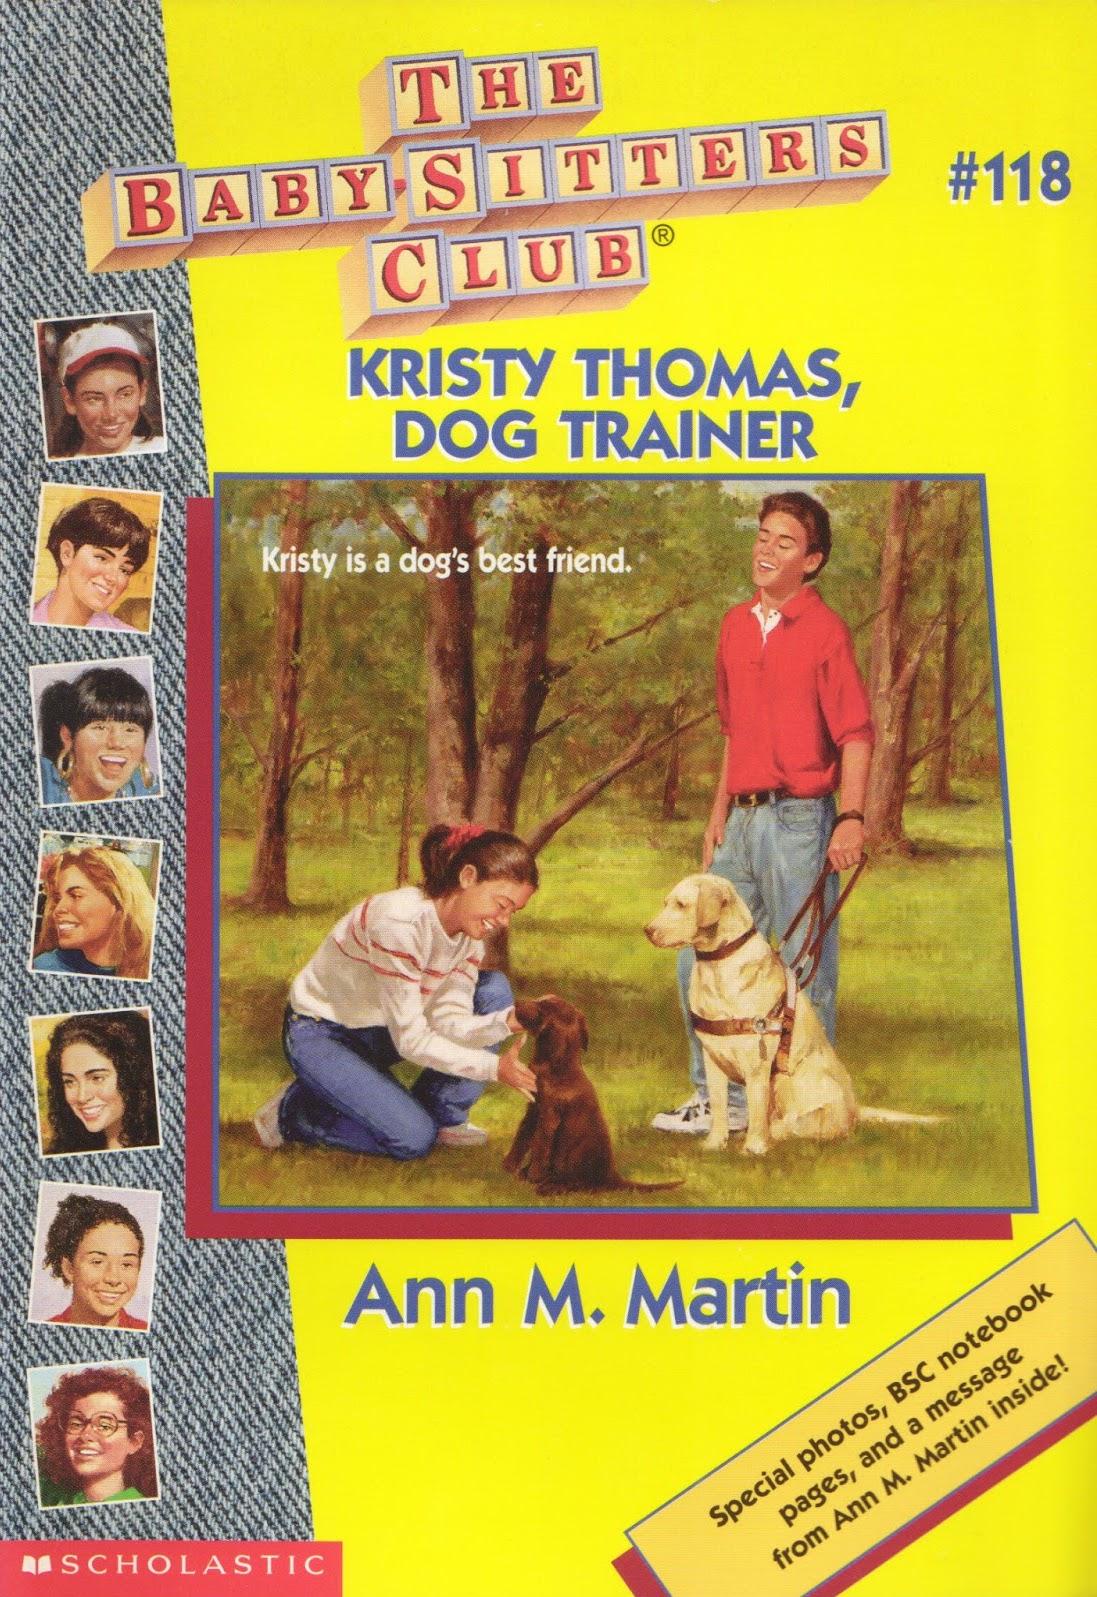 Kristy Thomas, Dog Trainer